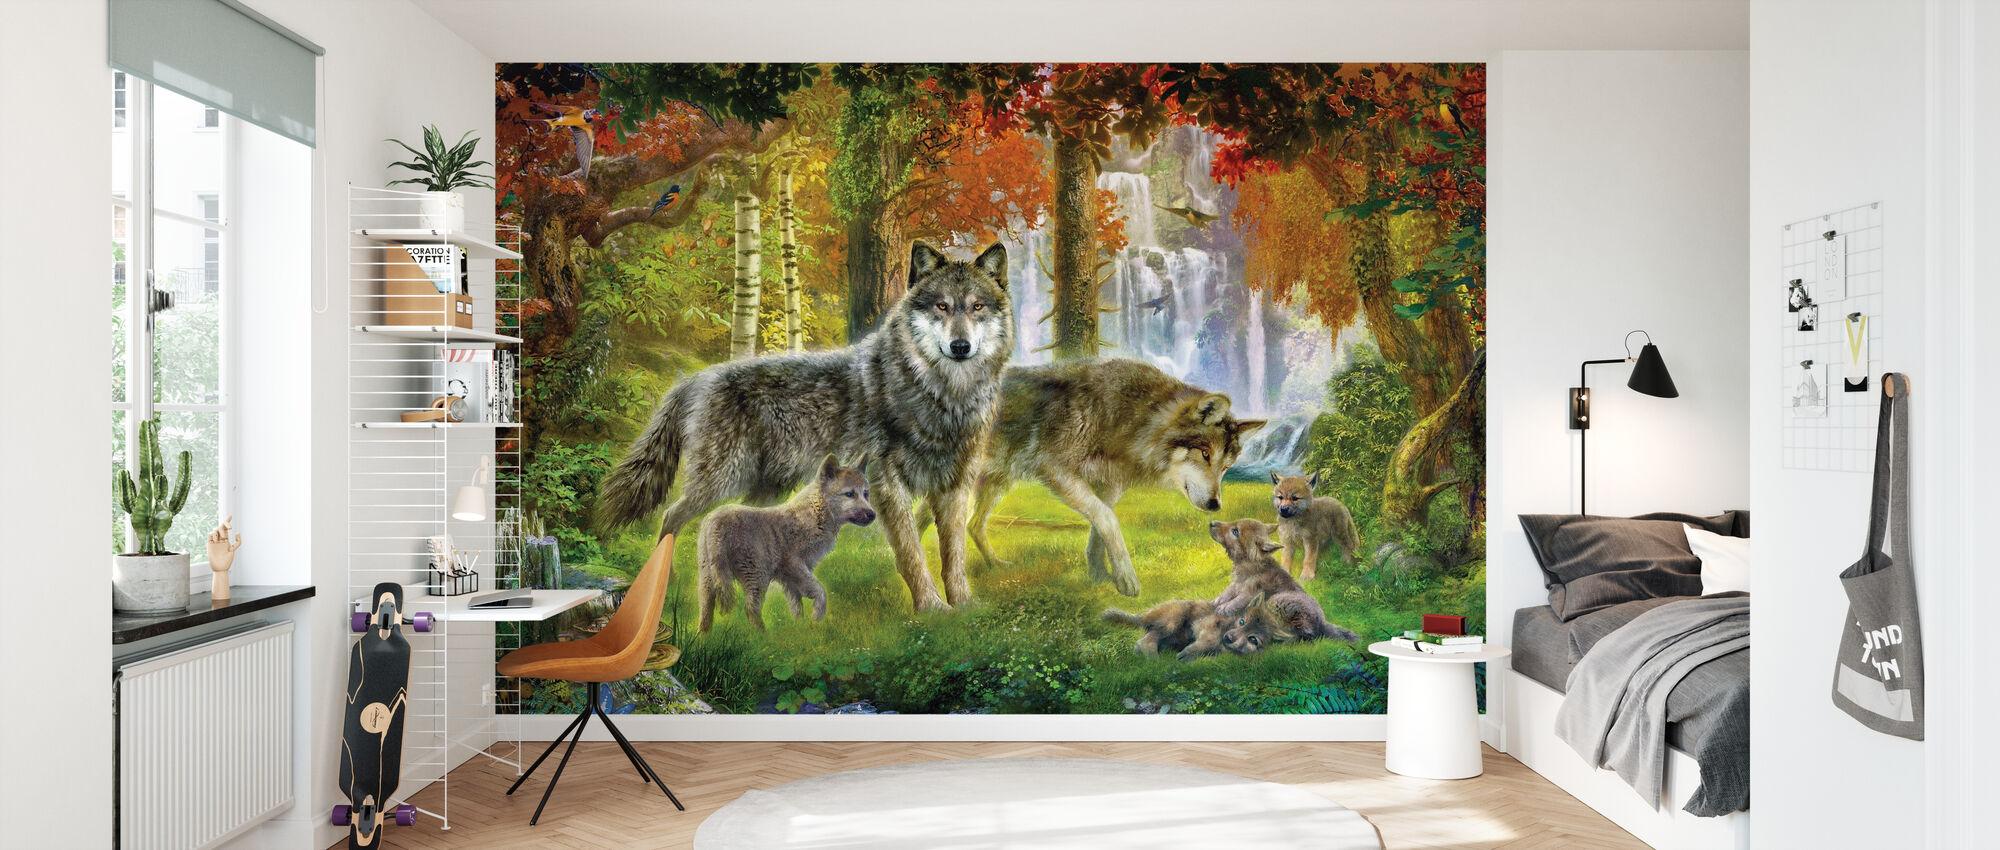 Summer Wolf Family - Wallpaper - Kids Room